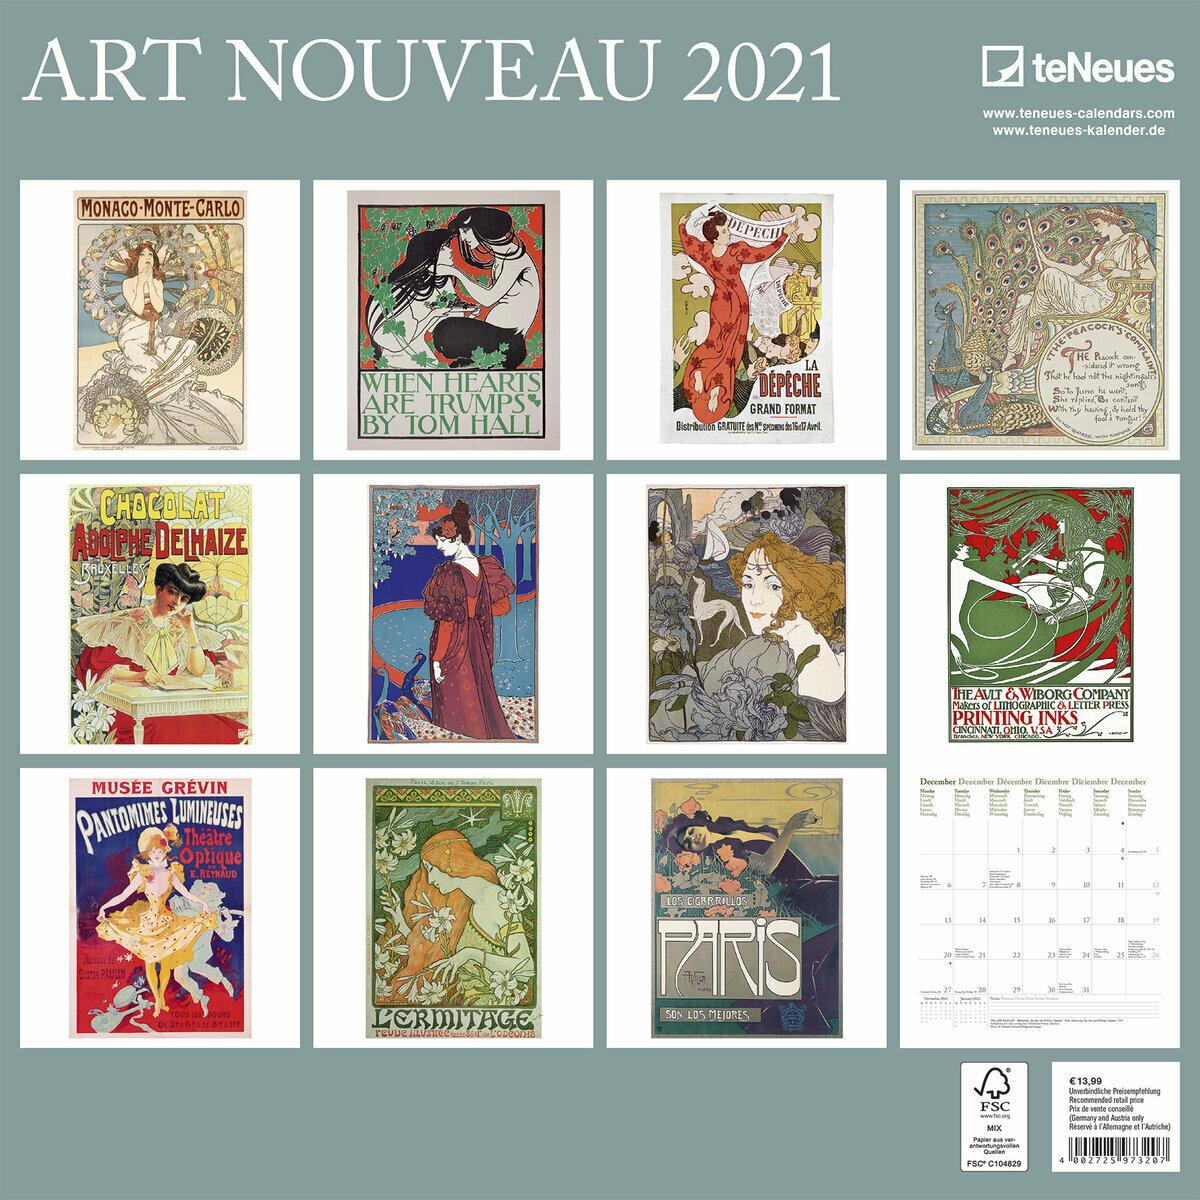 Calendrier 2021 Art nouveau